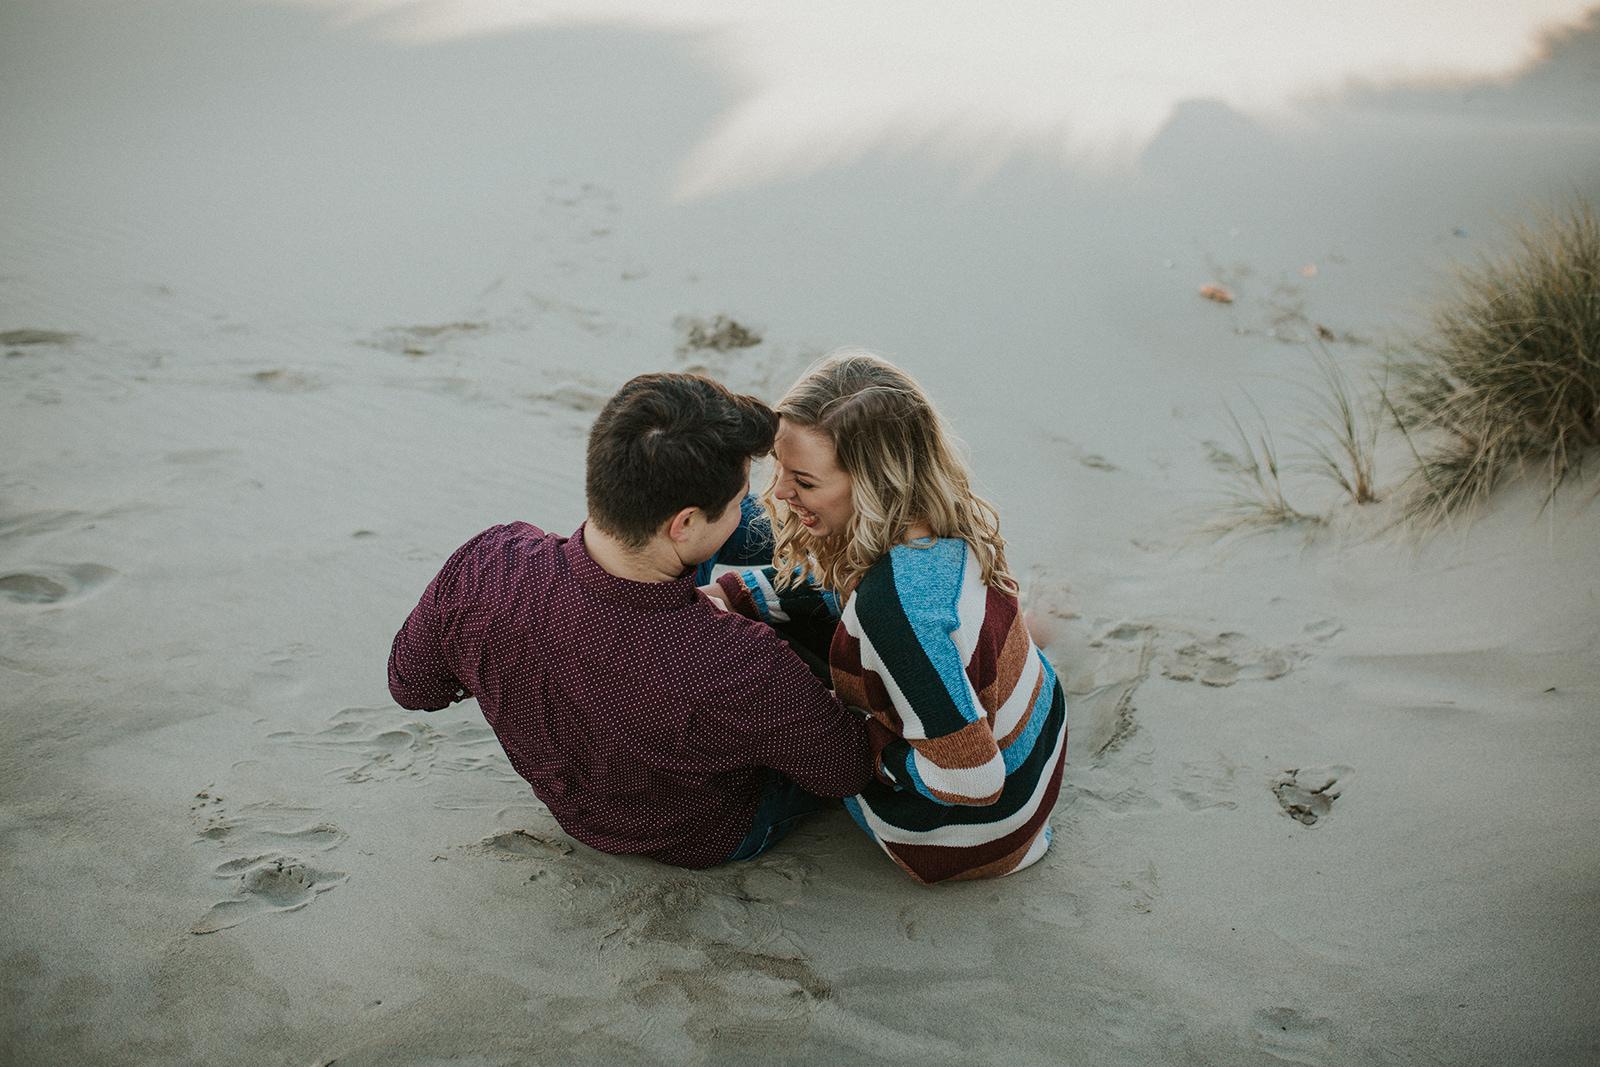 Yaquina Bay Sunrise Picnic Engagement Session | Rosemary & Pine Photography